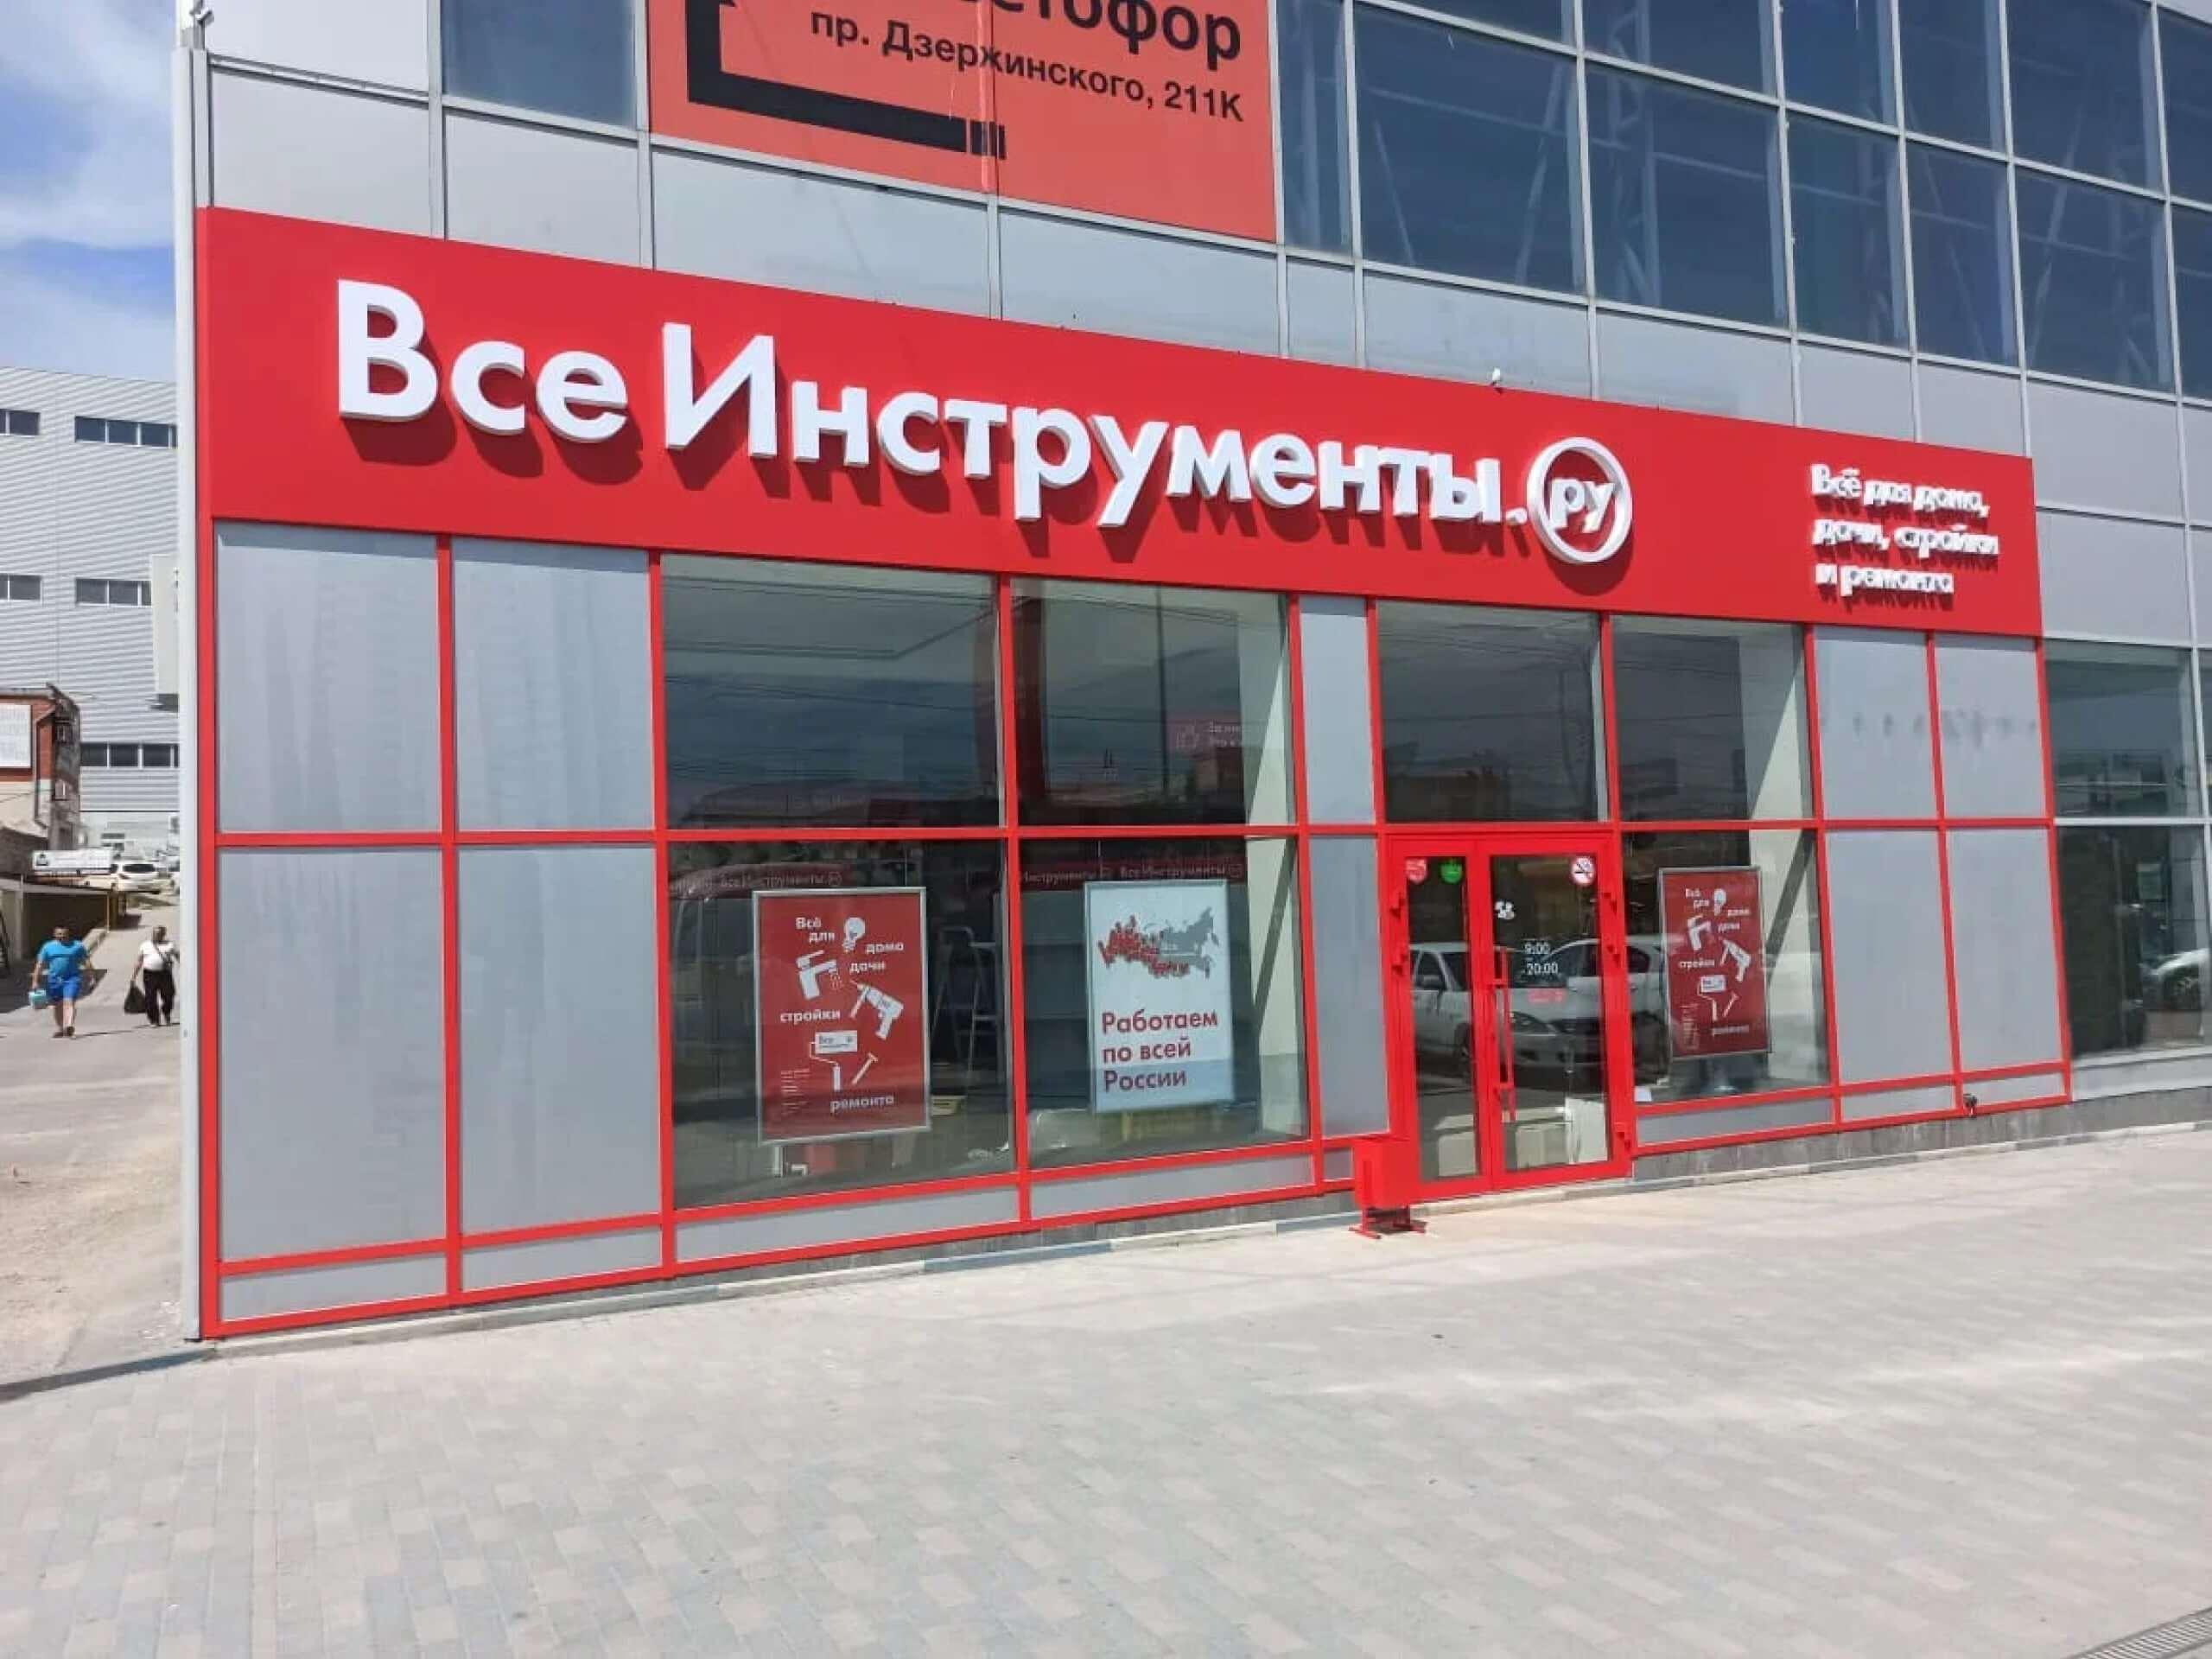 Все инструменты, г.Новороссийск